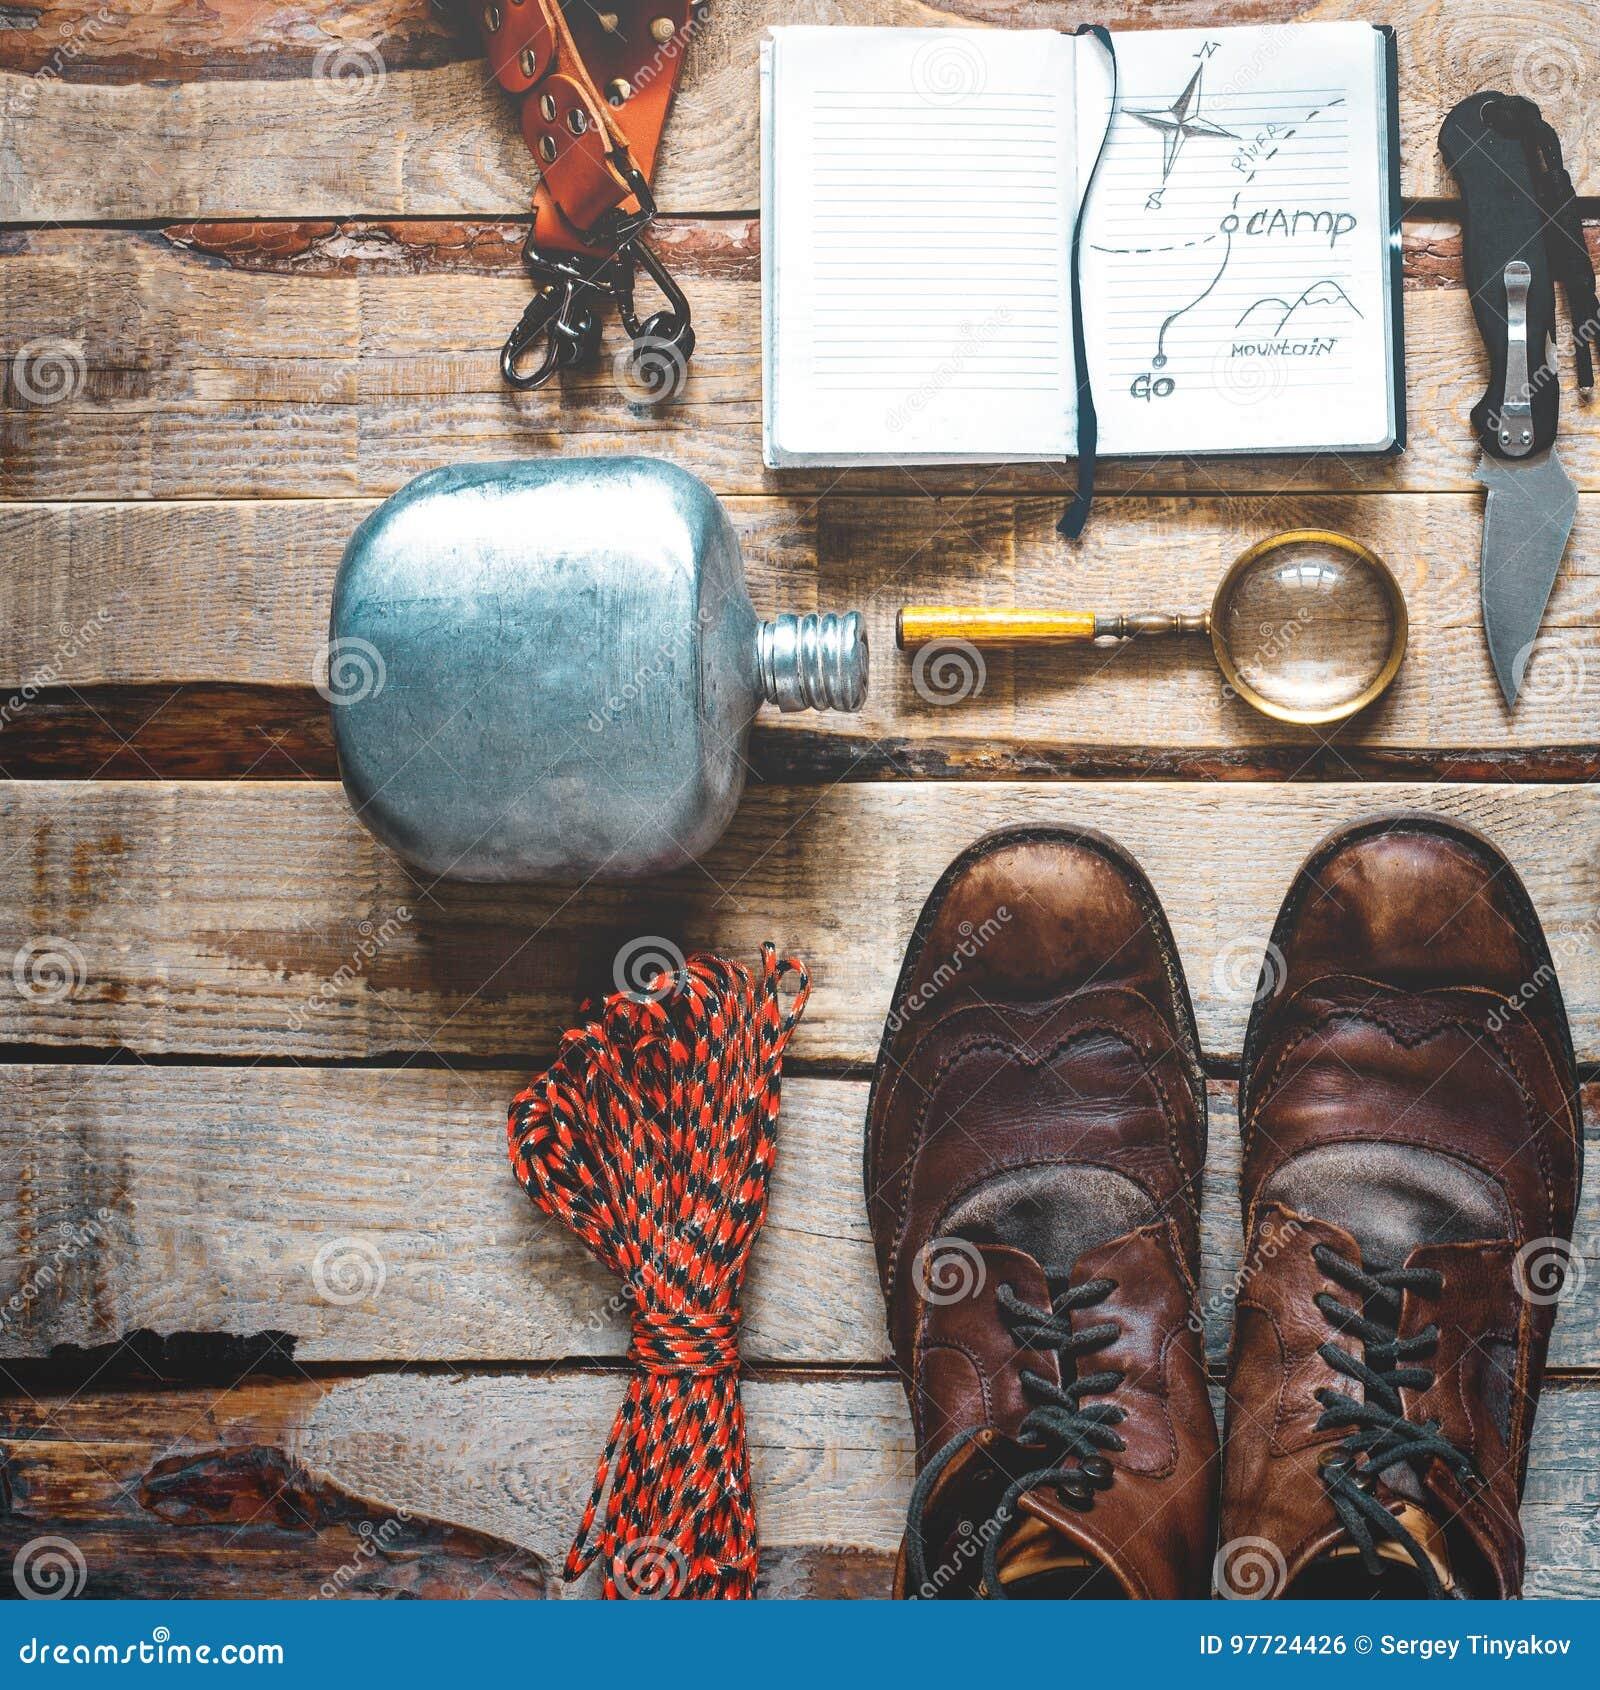 Пешие аксессуары на деревянной предпосылке: старые пешие кожаные ботинки, винтажная камера фильма, тетрадь перемещения, нож Конце